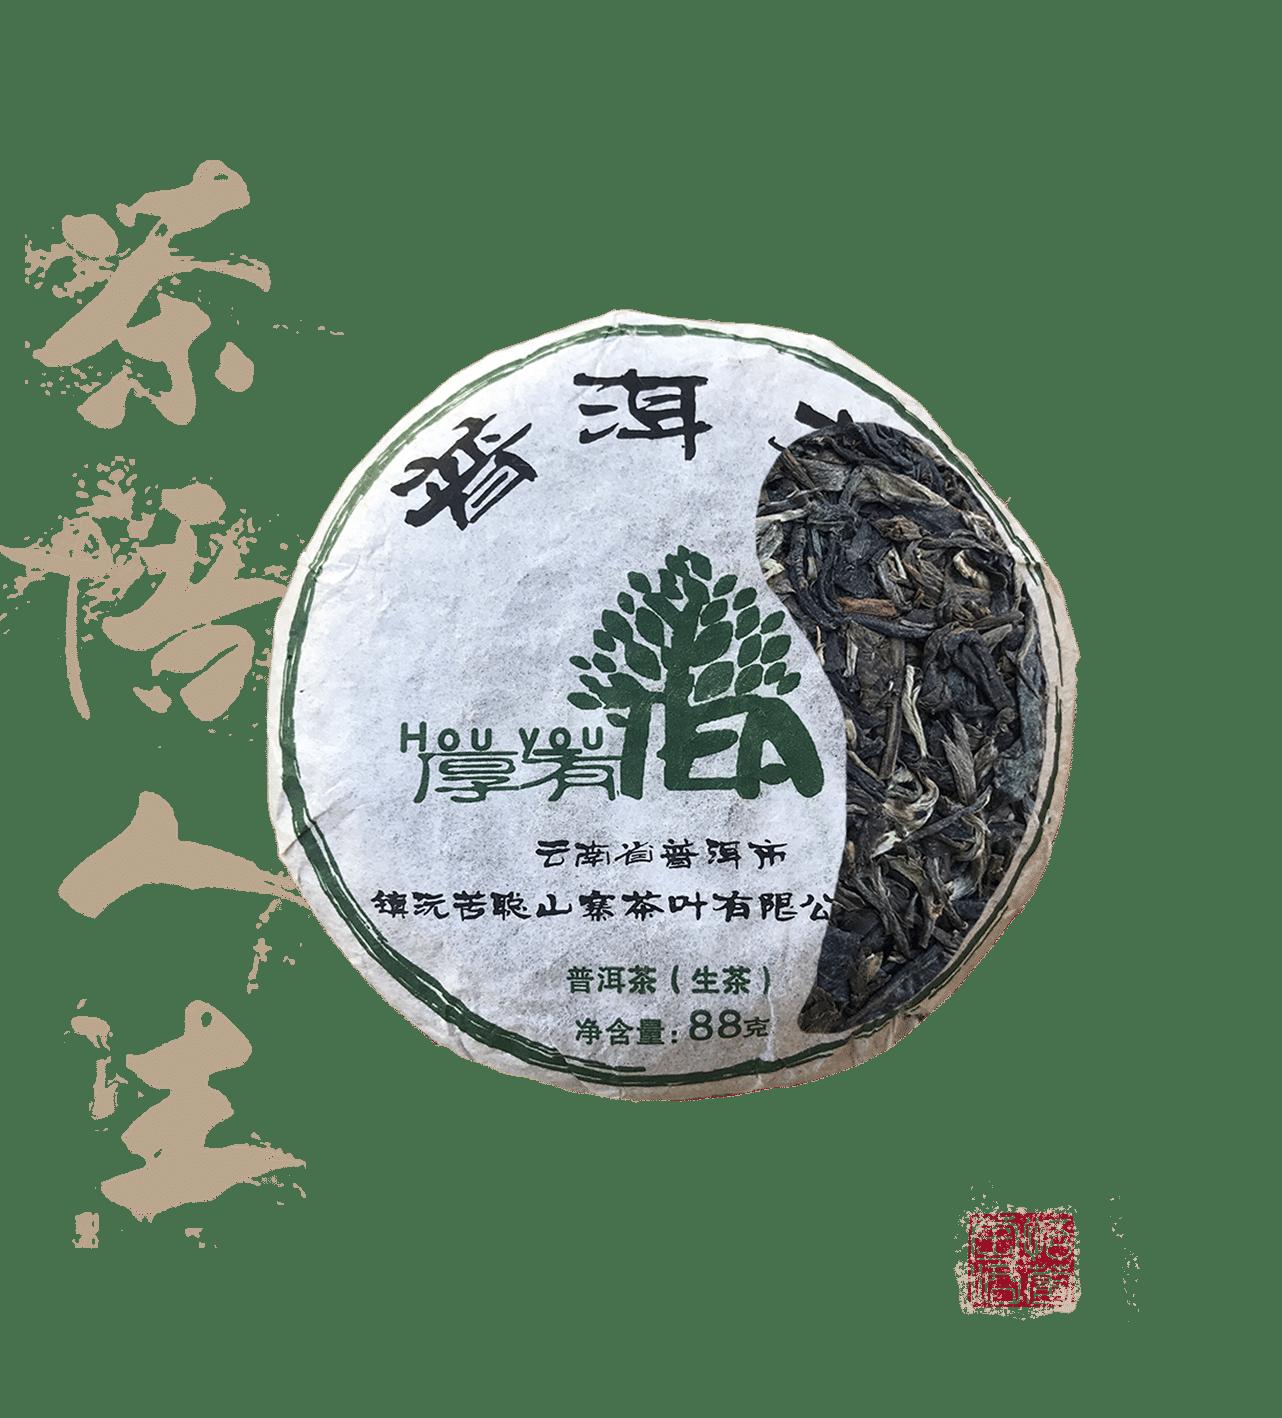 Hou You tea sheng is a sheng pu erh from yunnan